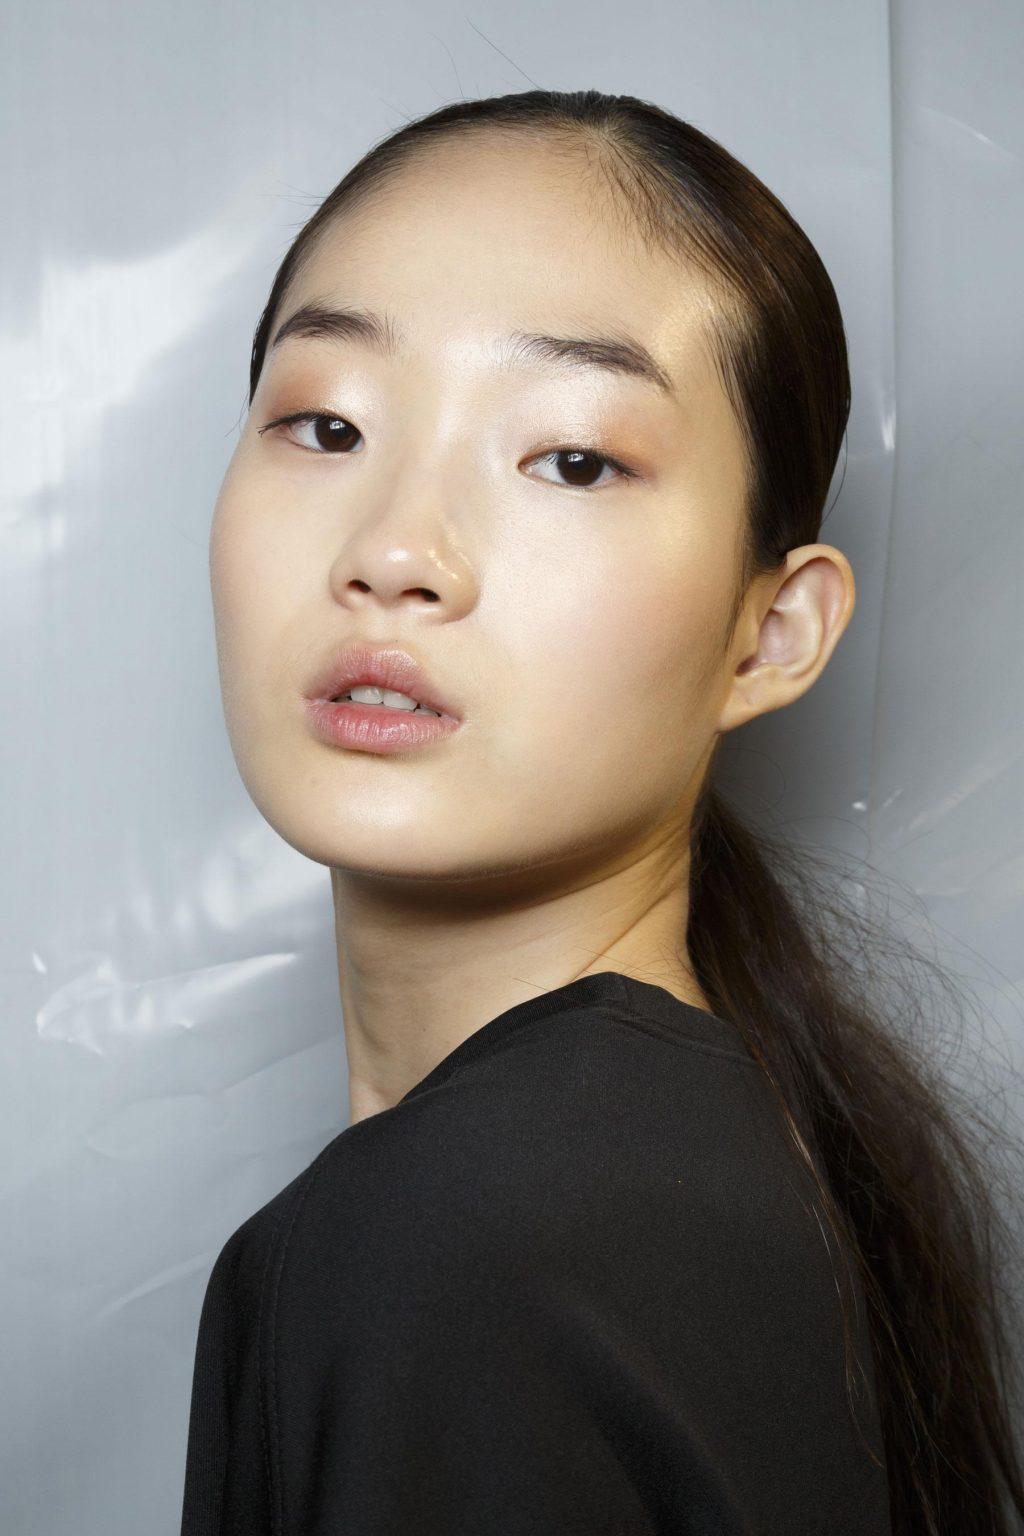 Chúng ta có thể kiểm soát một số yếu tố giúp kiểm soát tình trạng da và tóc đổ dầu khi biết được nguyên nhân dẫn đến chúng.